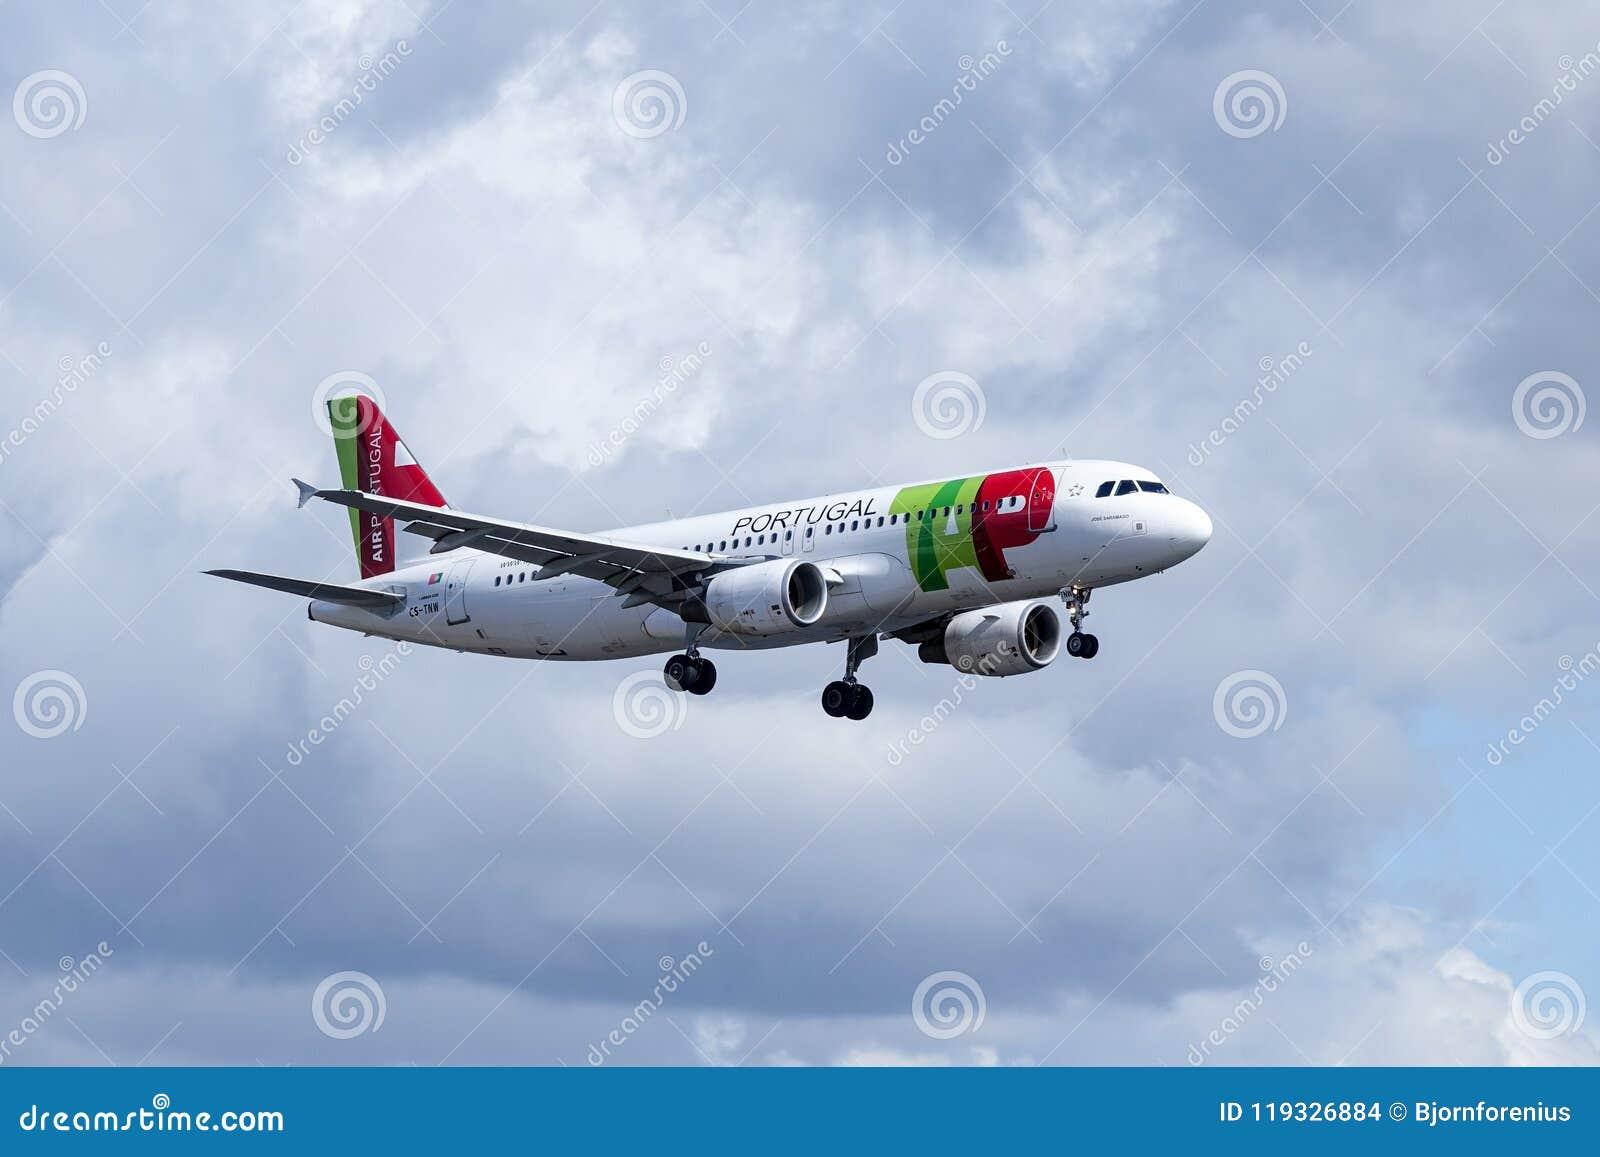 KNACKA LÄTT PÅ Air Portugal, flygbussen A320-251N